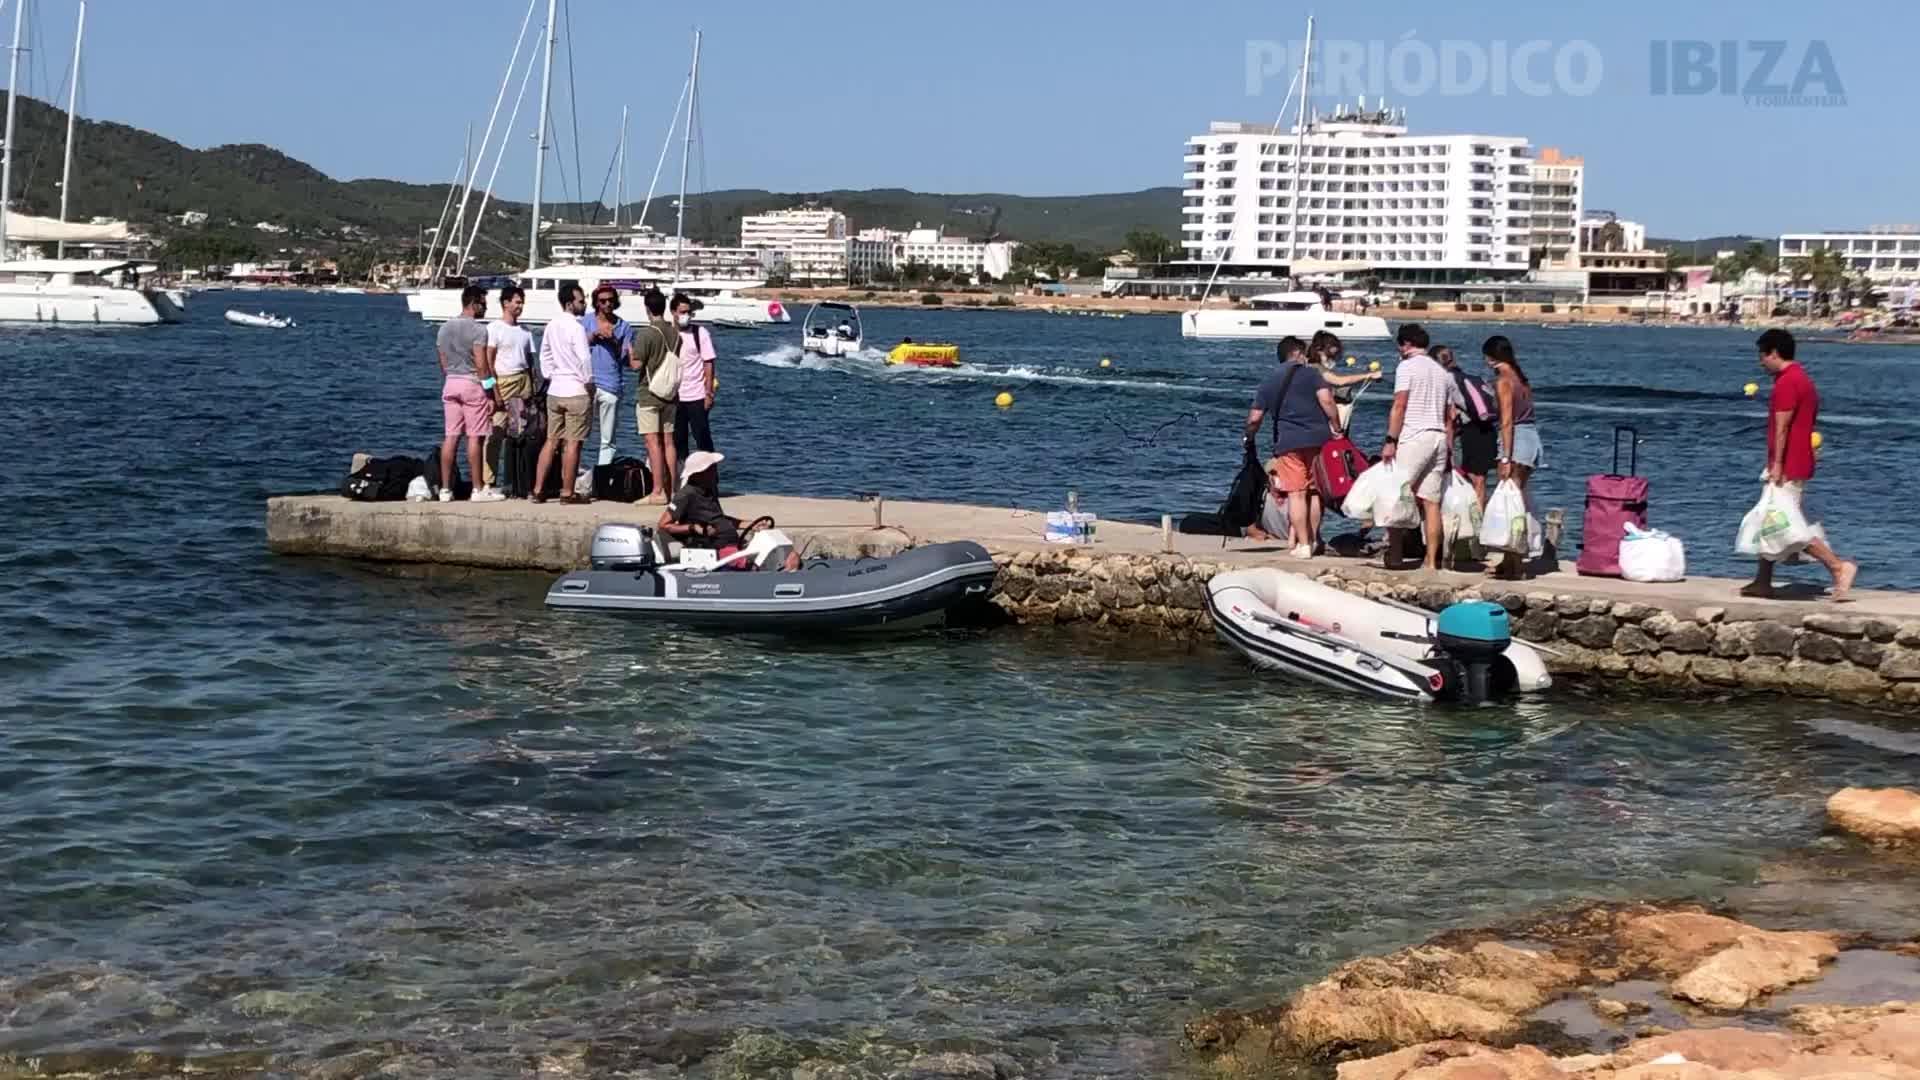 Salvem Sa Badia denuncia la presencia de charters ilegales en el muelle de S'Estanyol y el fondeo sobre posidonia